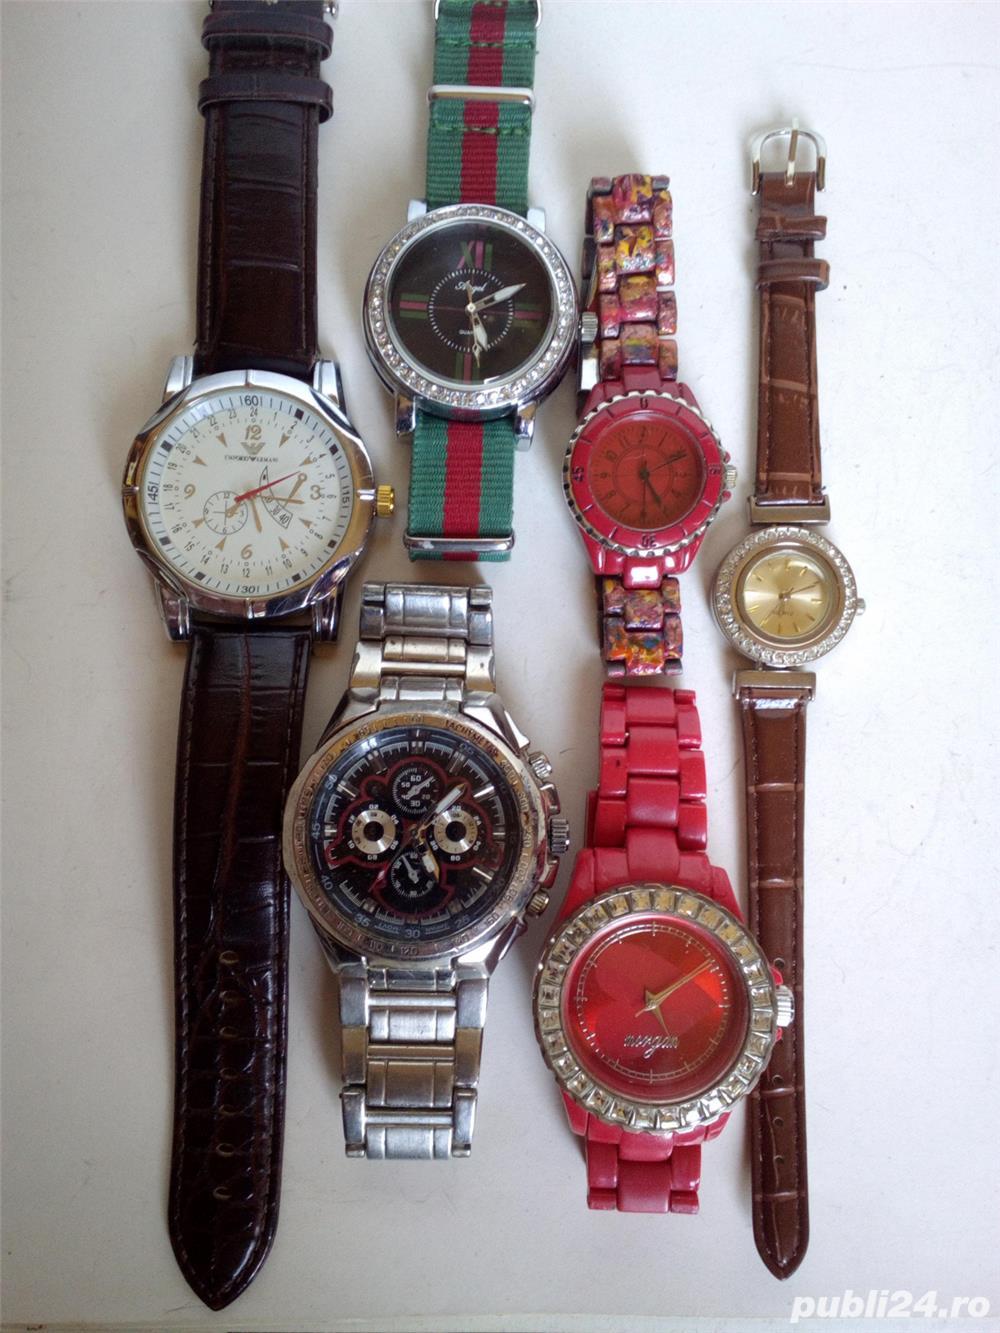 6 ceasuri second hand, folosite, functionale